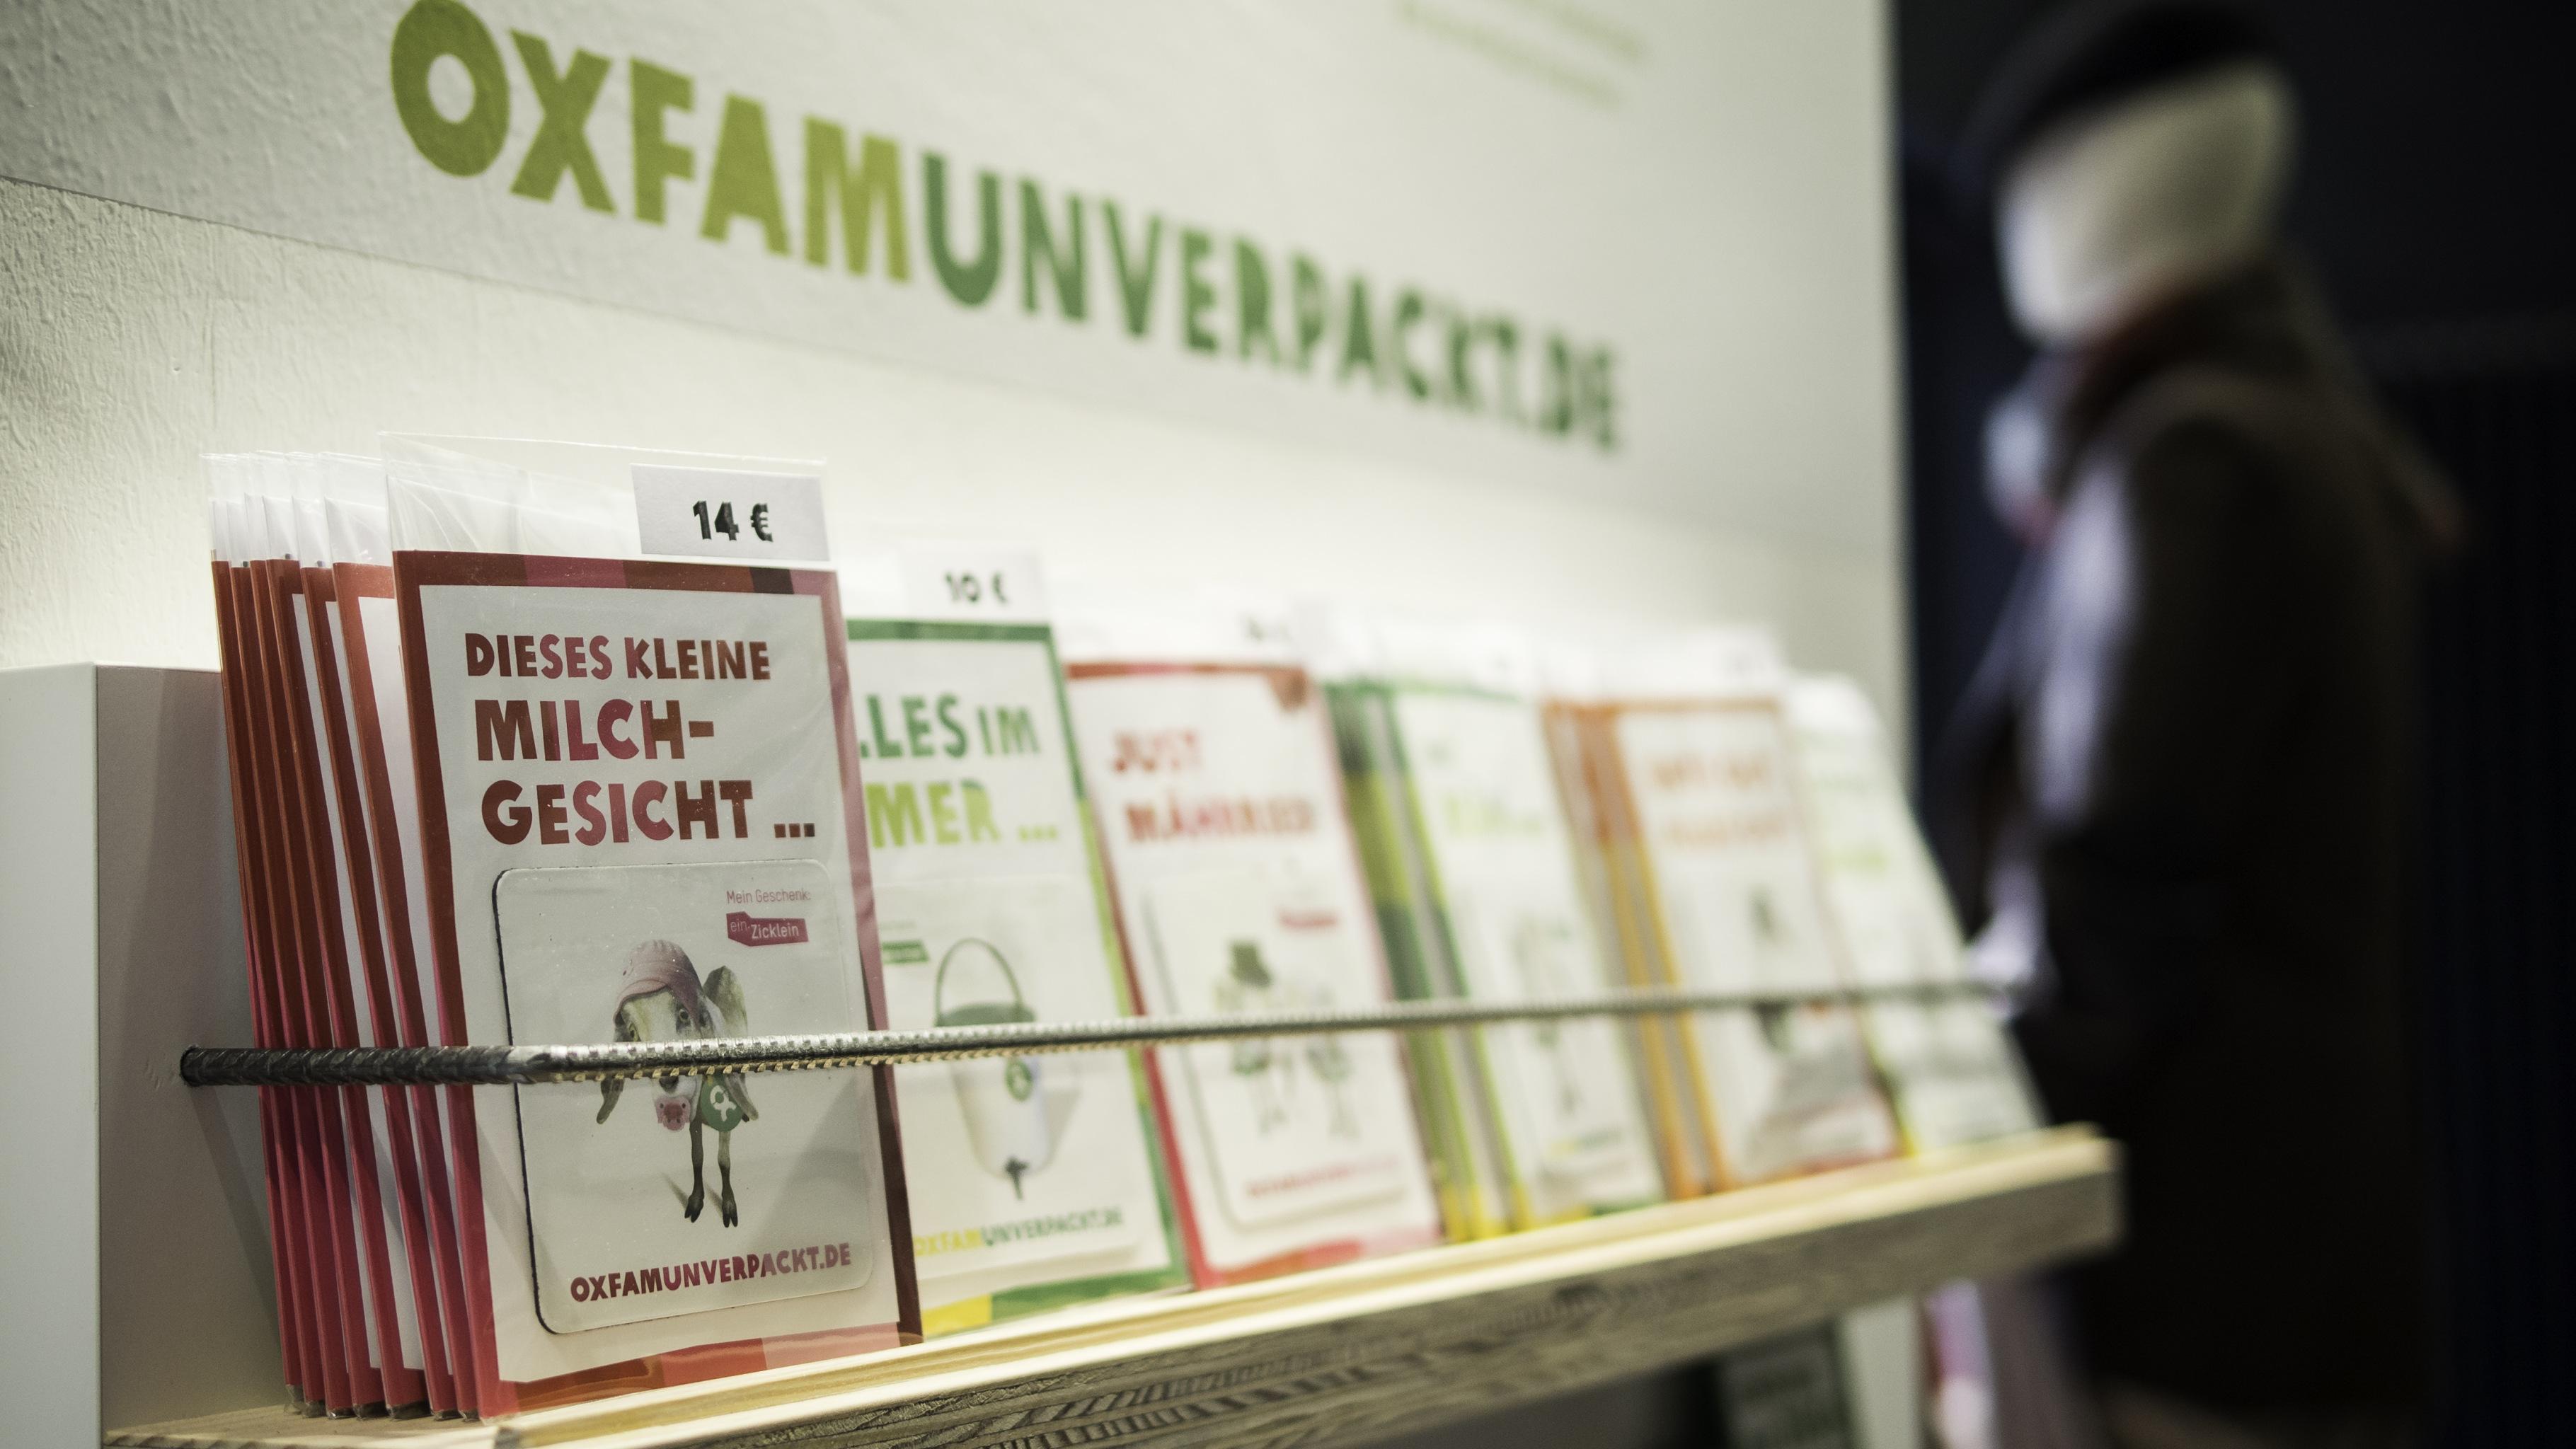 Oxfam Shop - Geschenke von OxfamUnverpackt